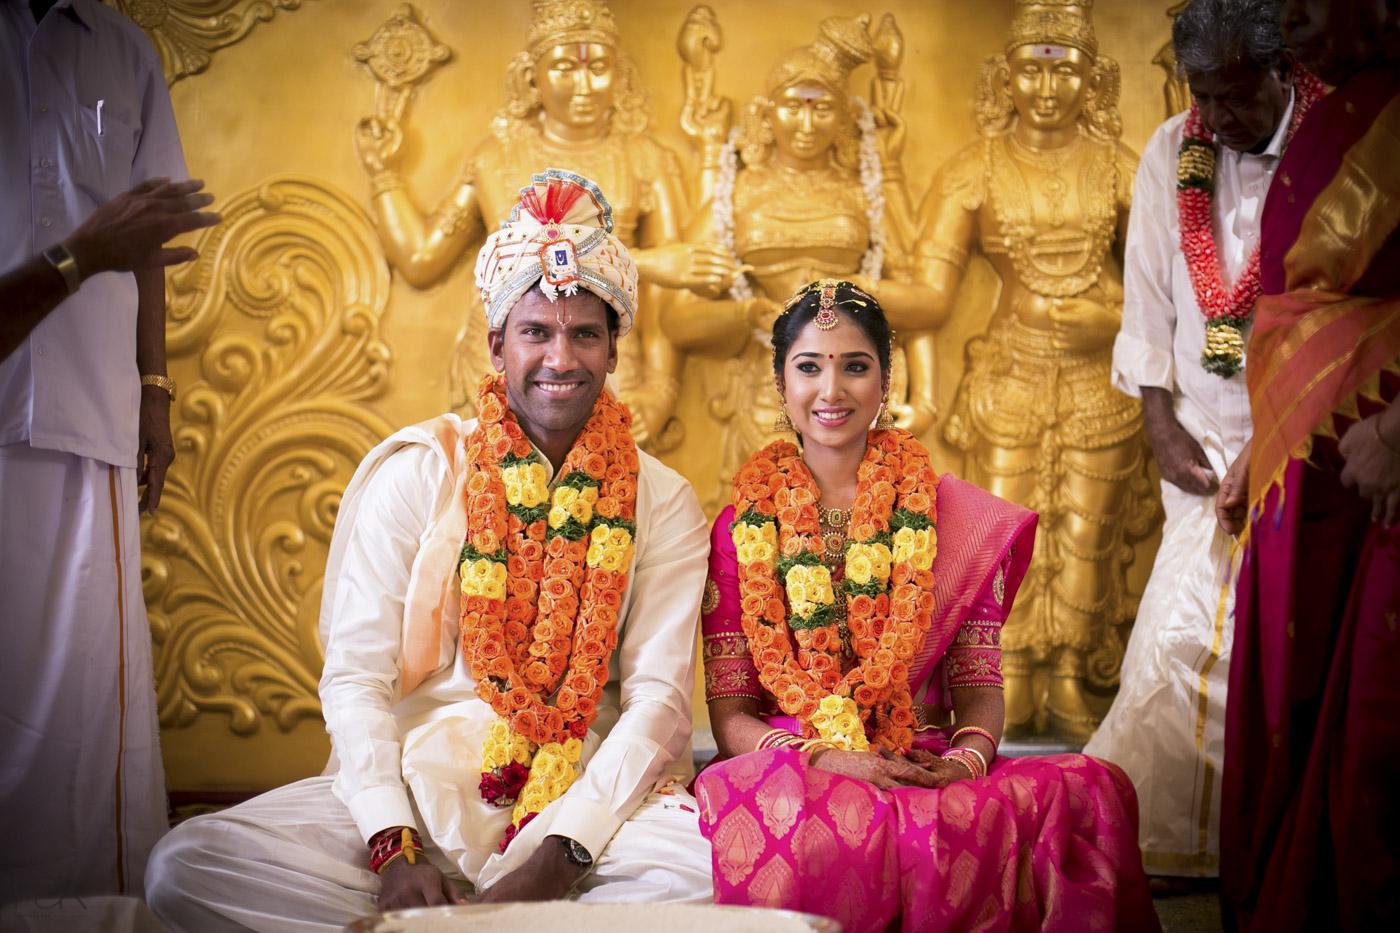 Lakshmipathy Balaji & Priya